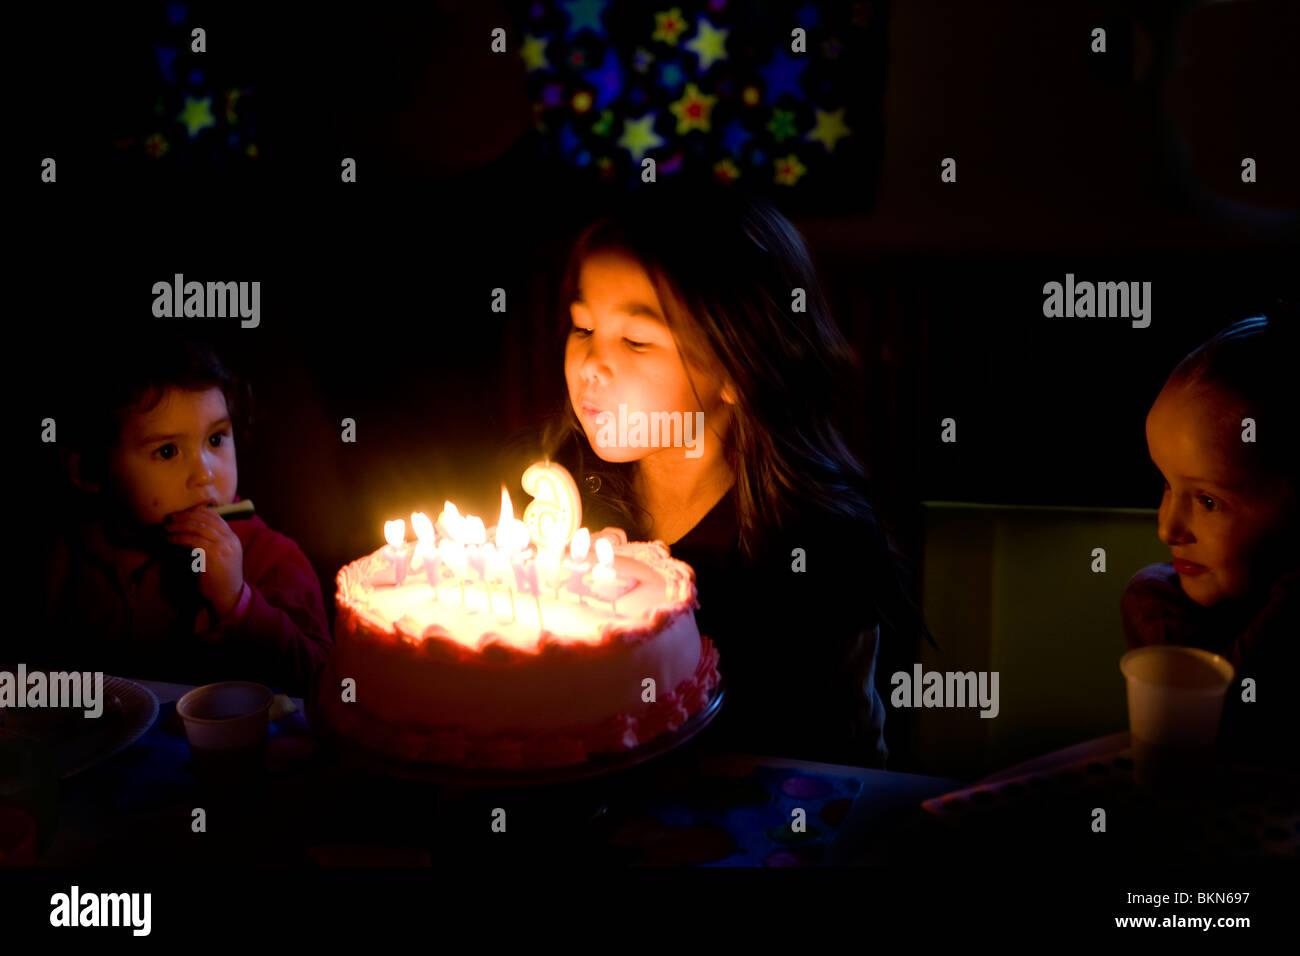 Ein Halb Thai Mädchen Feiert Ihren 6 Geburtstag Durch Ausblasen Der